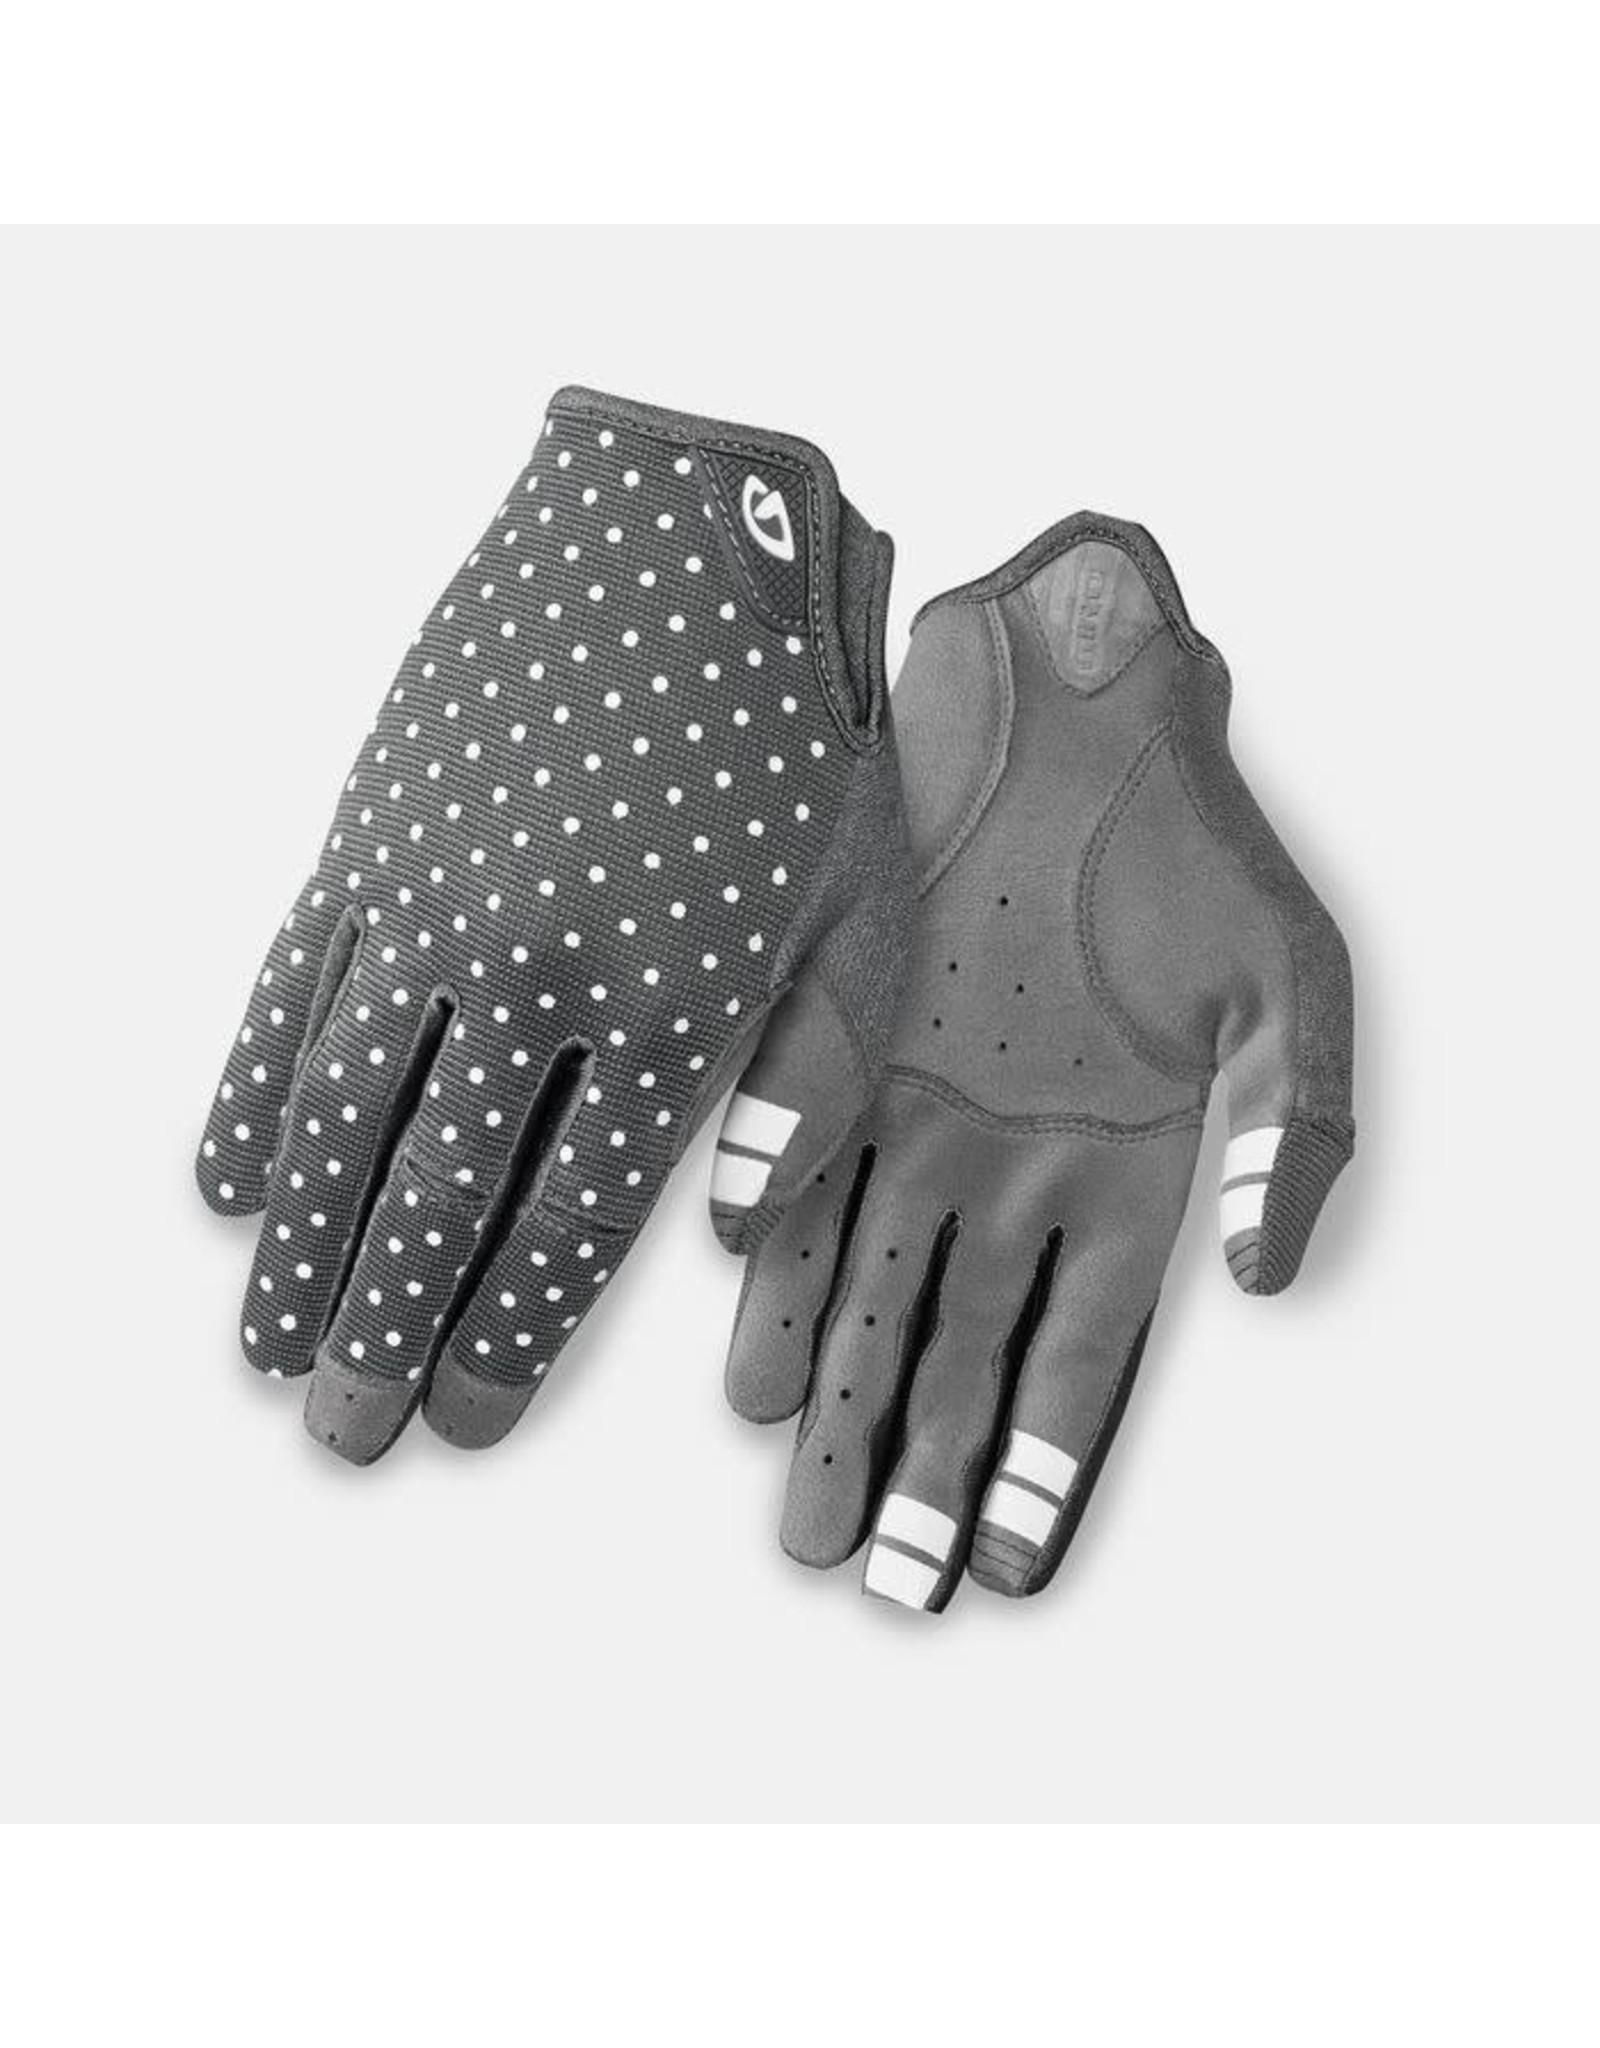 Giro Cycling LA DND Glove